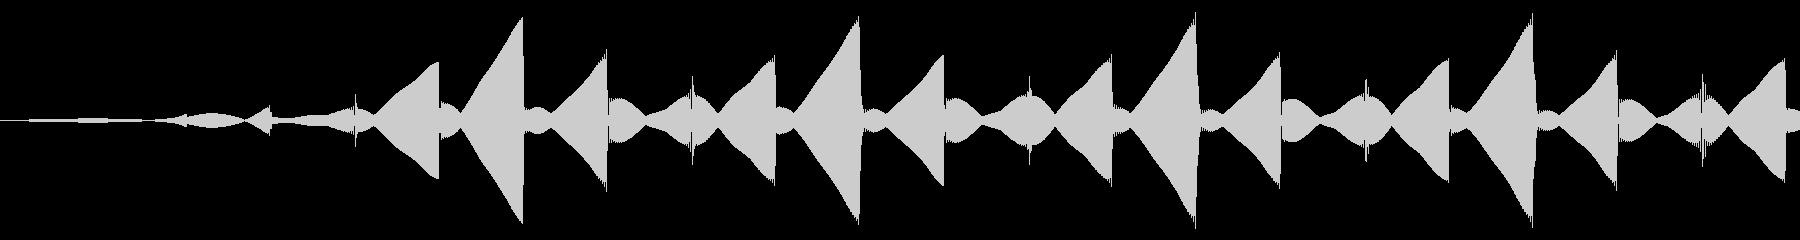 パソコン/キャンセル/ブッの未再生の波形